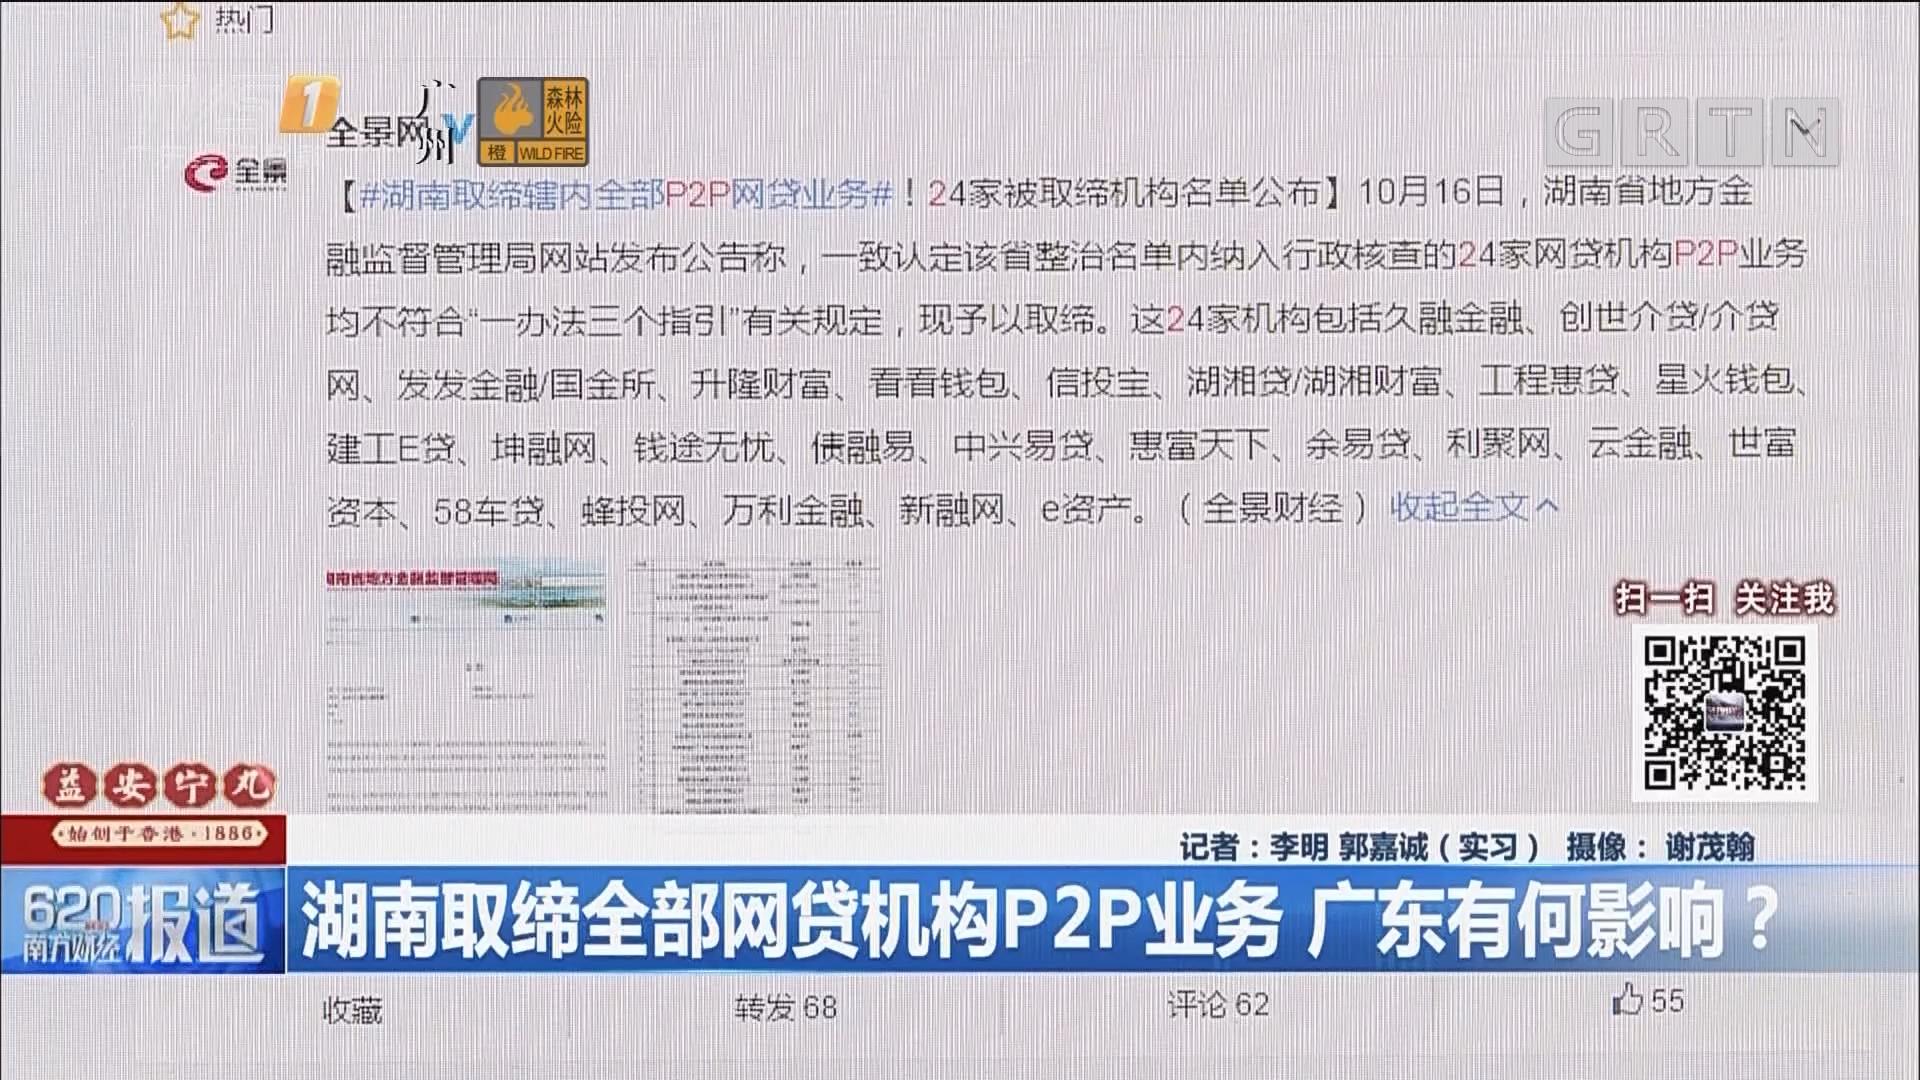 湖南取缔全部网货机构P2P业务 广东有何影响?